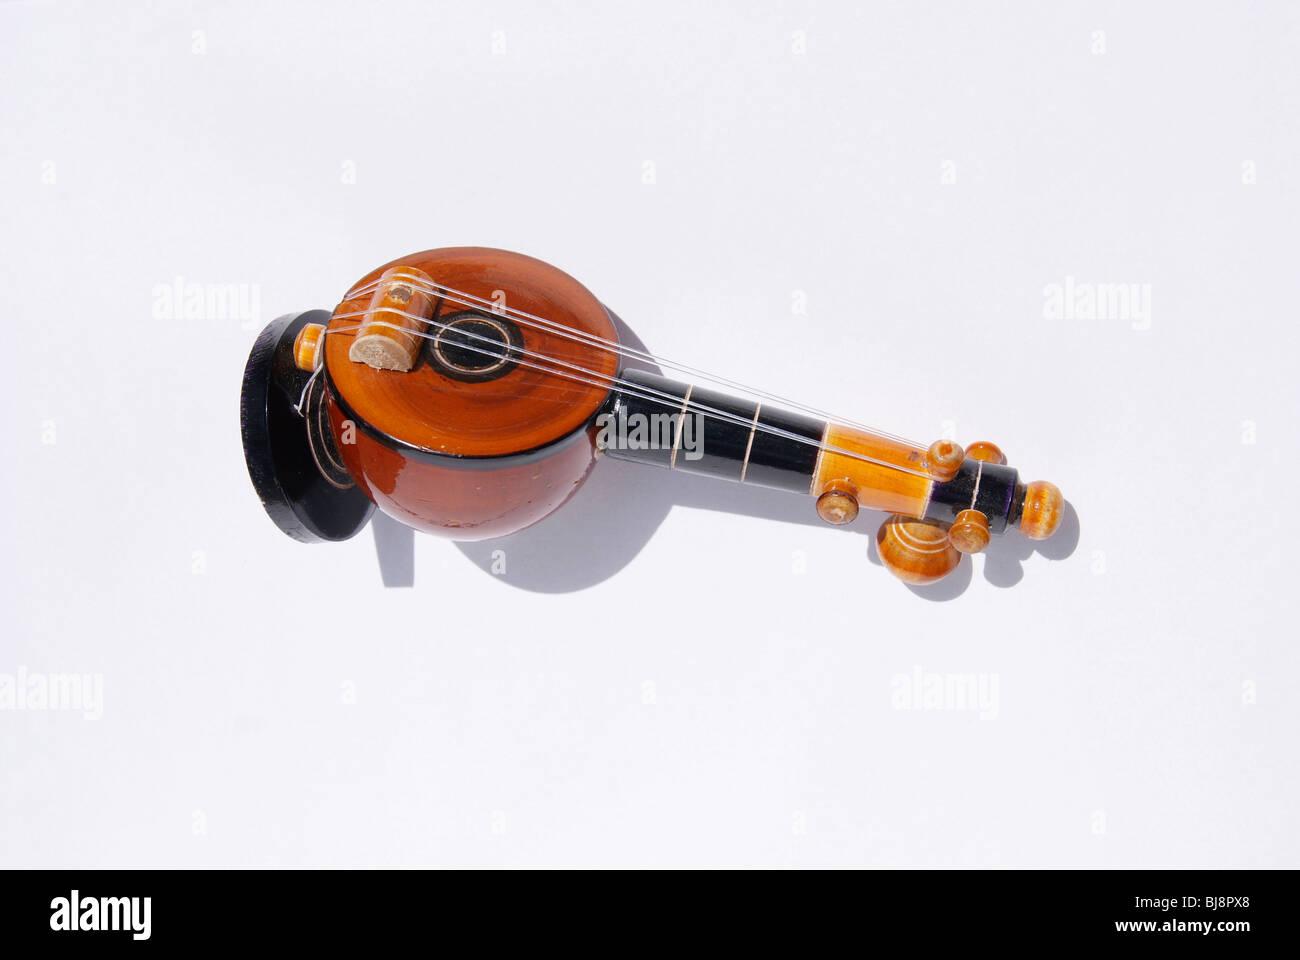 Miniatur-Modell eines alten Musikinstruments Veena in weißen Hintergrund isoliert. Auch bekannt als laute Vina Stockbild